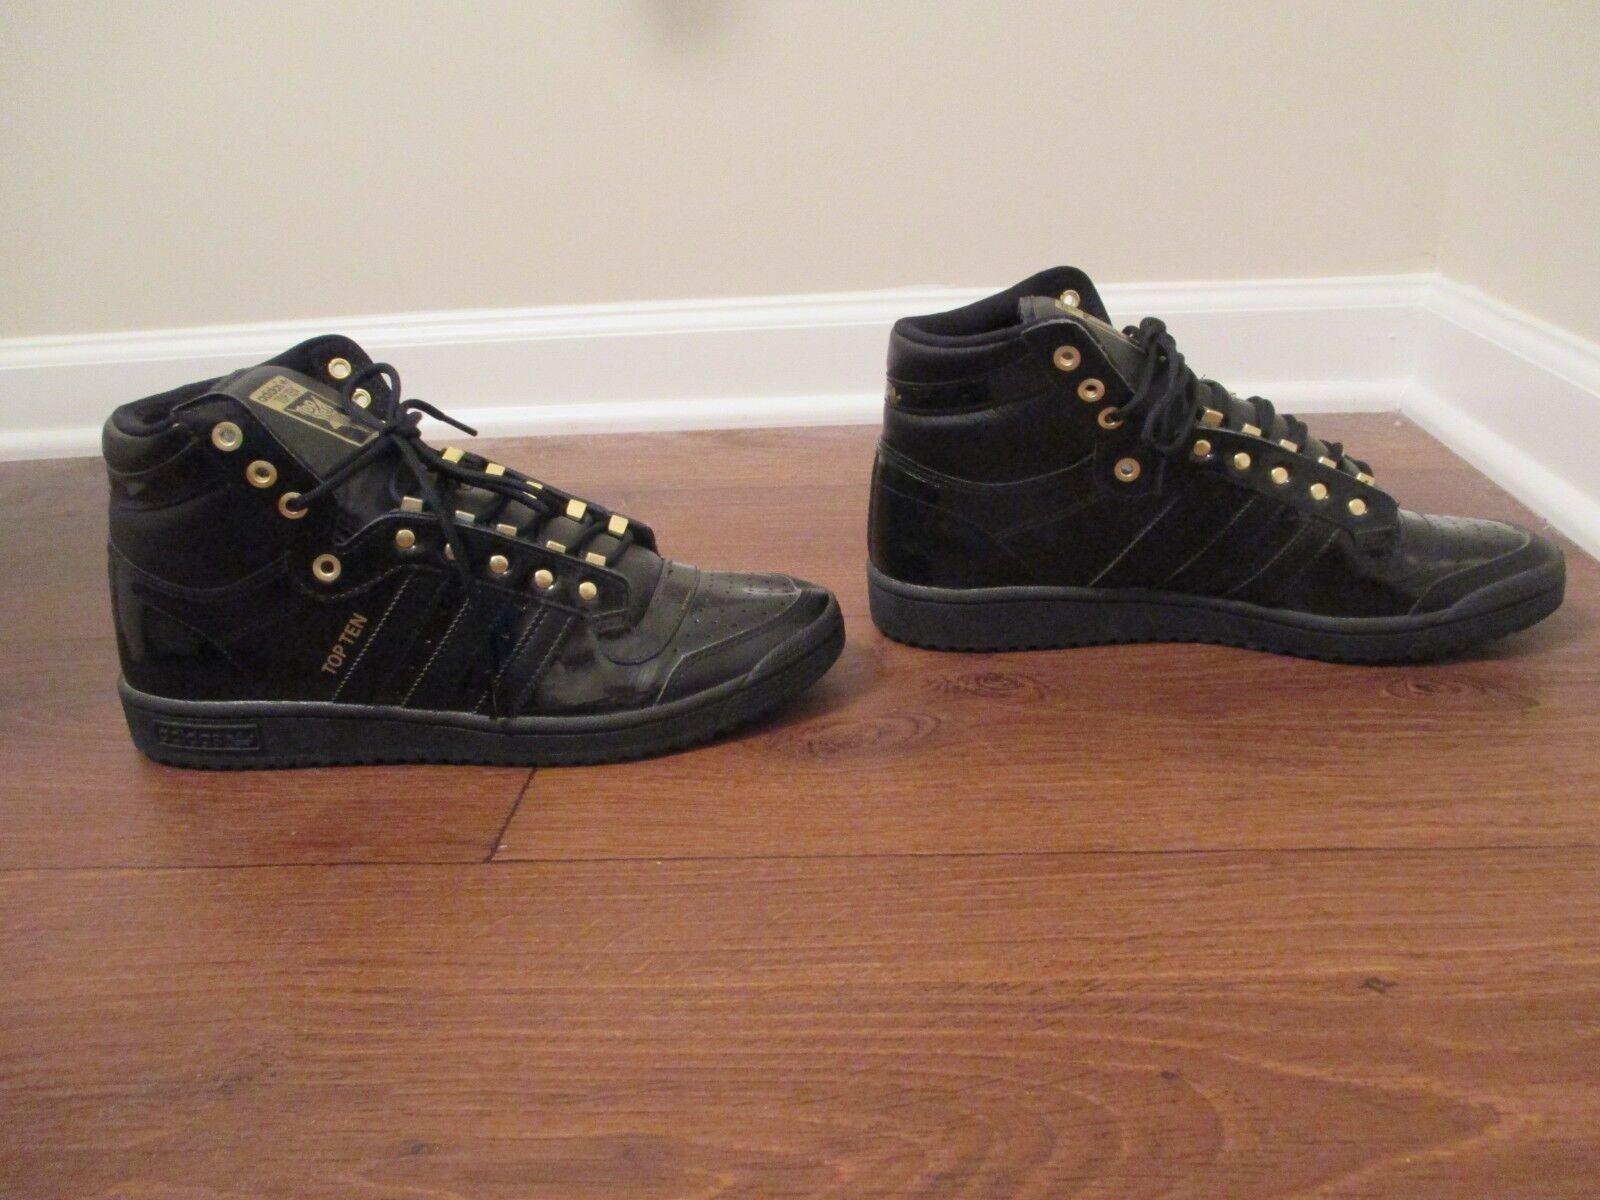 Größe werden 10. adidas zehn getragen werden Größe - schuhe, schwarzes gold 300204